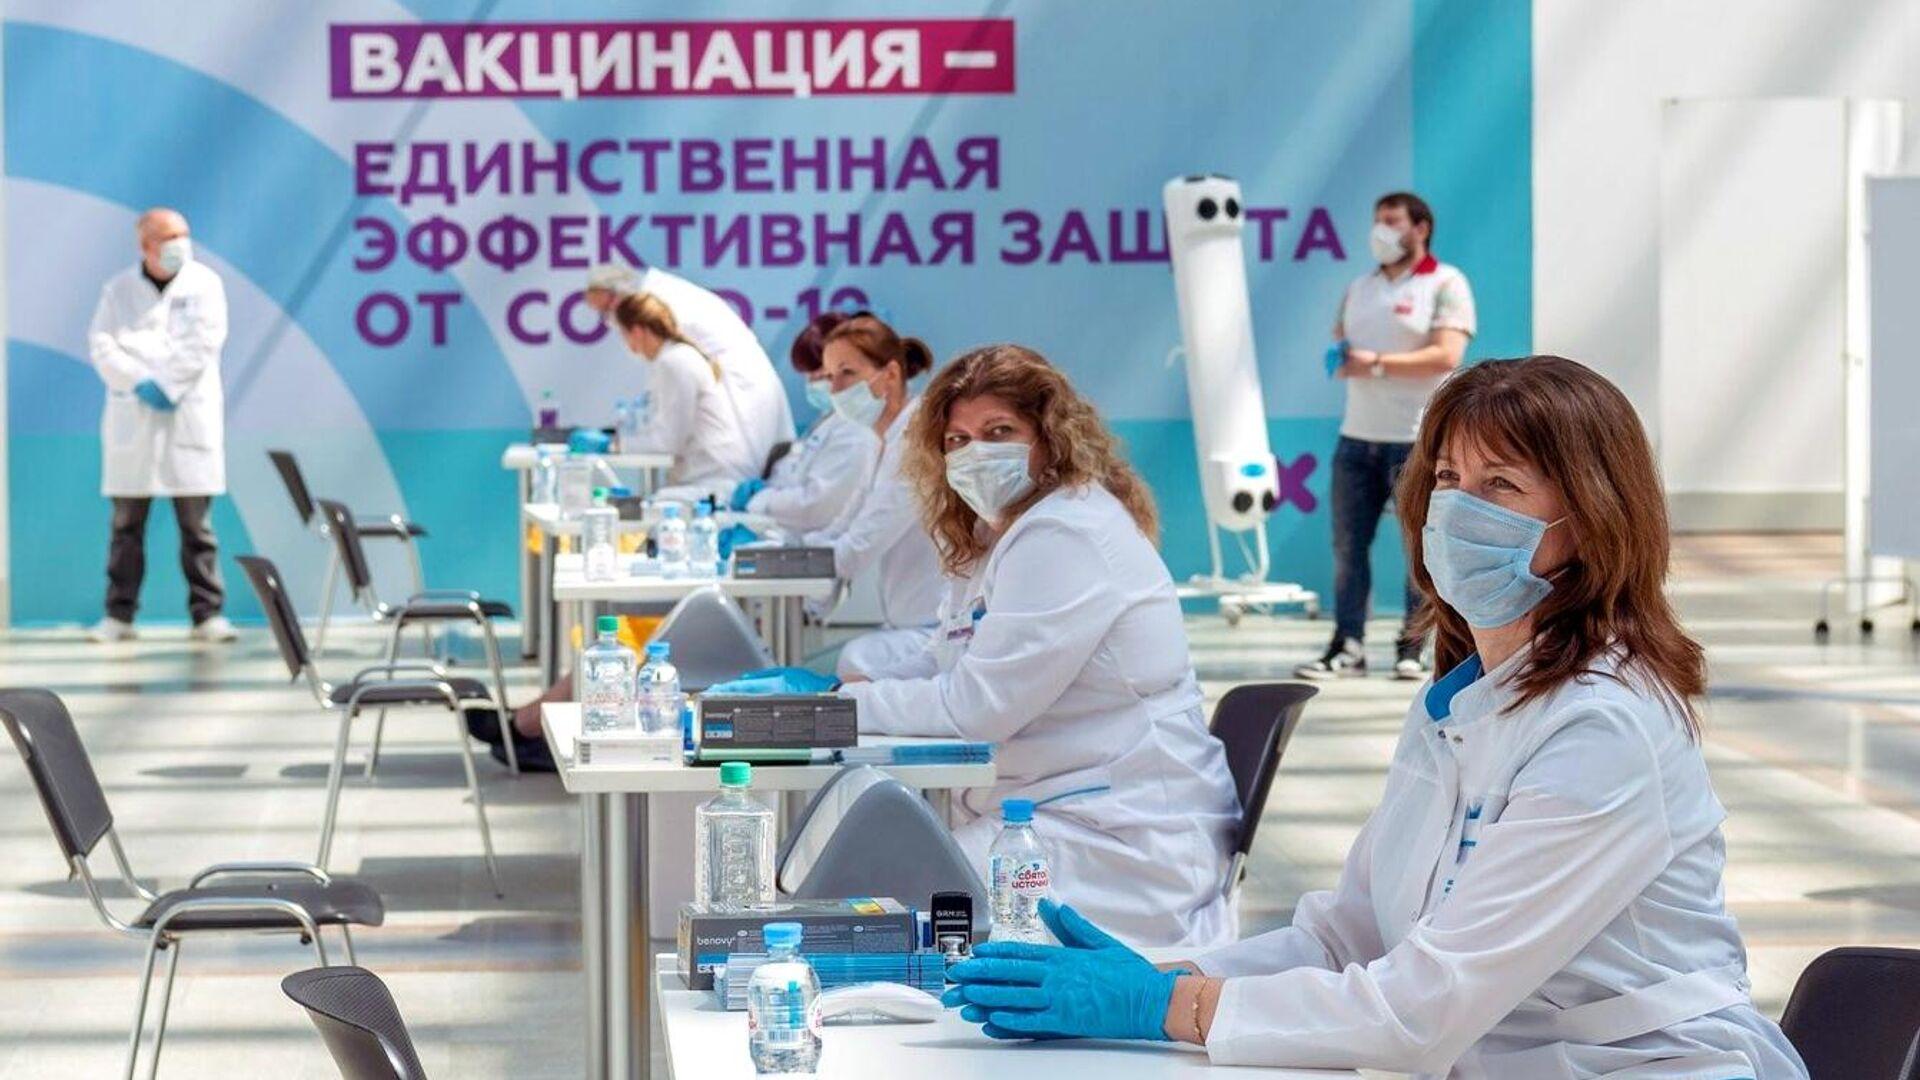 Медицинские сотрудники в центре вакцинации от COVID-19 в Гостином дворе в Москве - РИА Новости, 1920, 06.07.2021